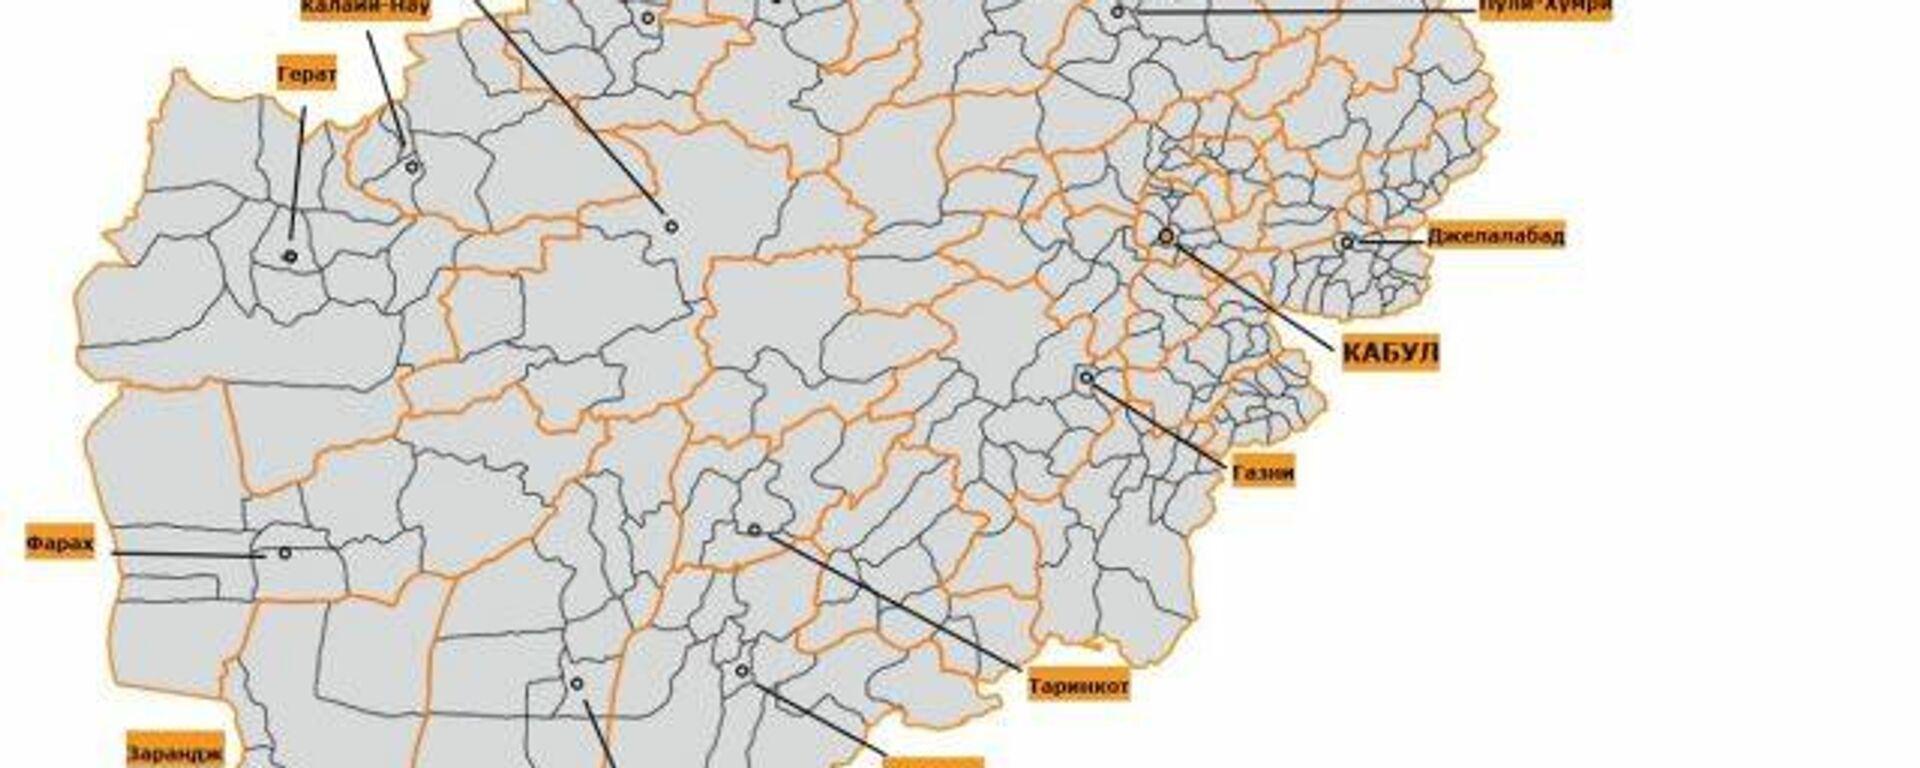 Как талибы захватывали власть в провинциях Афганистана - Sputnik Таджикистан, 1920, 14.08.2021